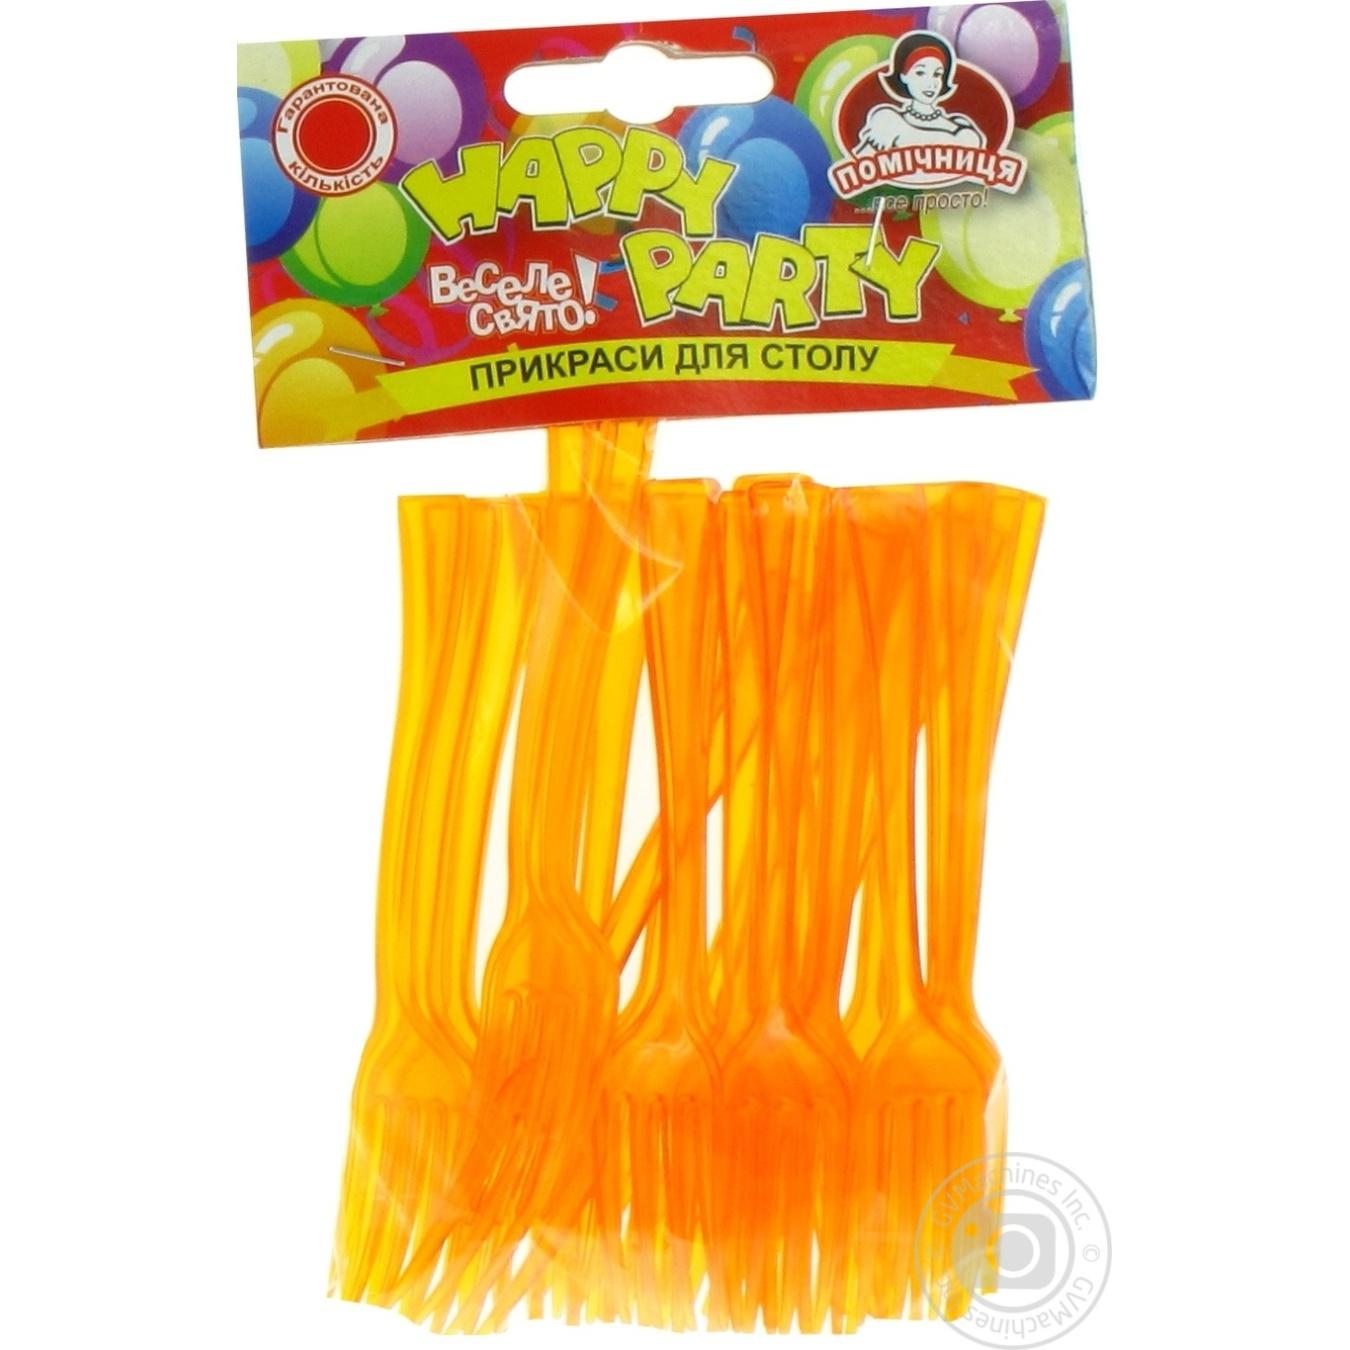 Купить Вилка для фруктов Помощница Happy Party 25шт